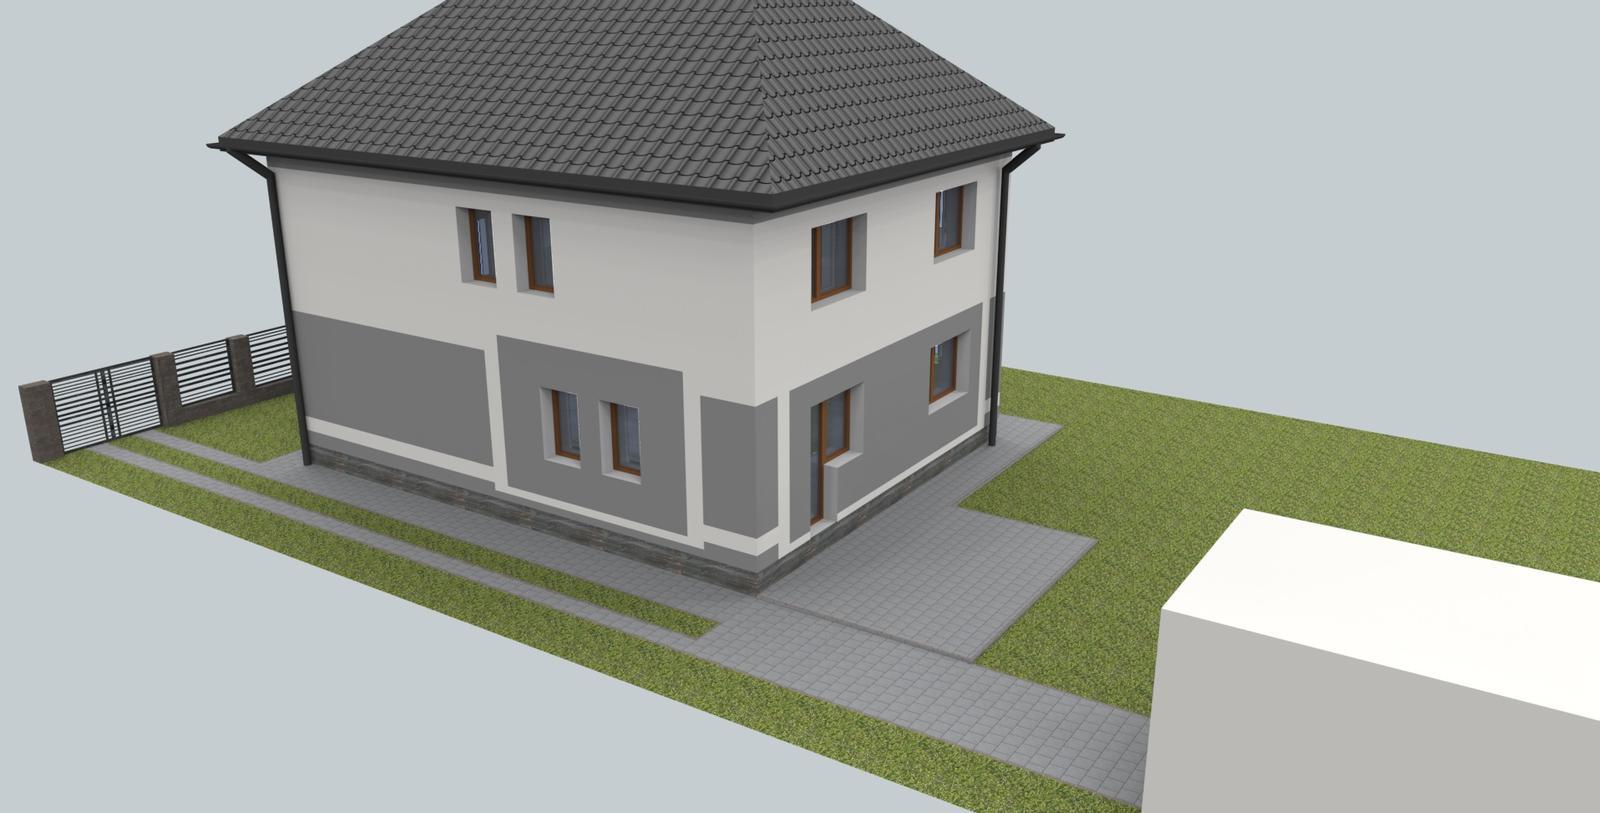 Návrh fasády s oplotením - Obrázok č. 6